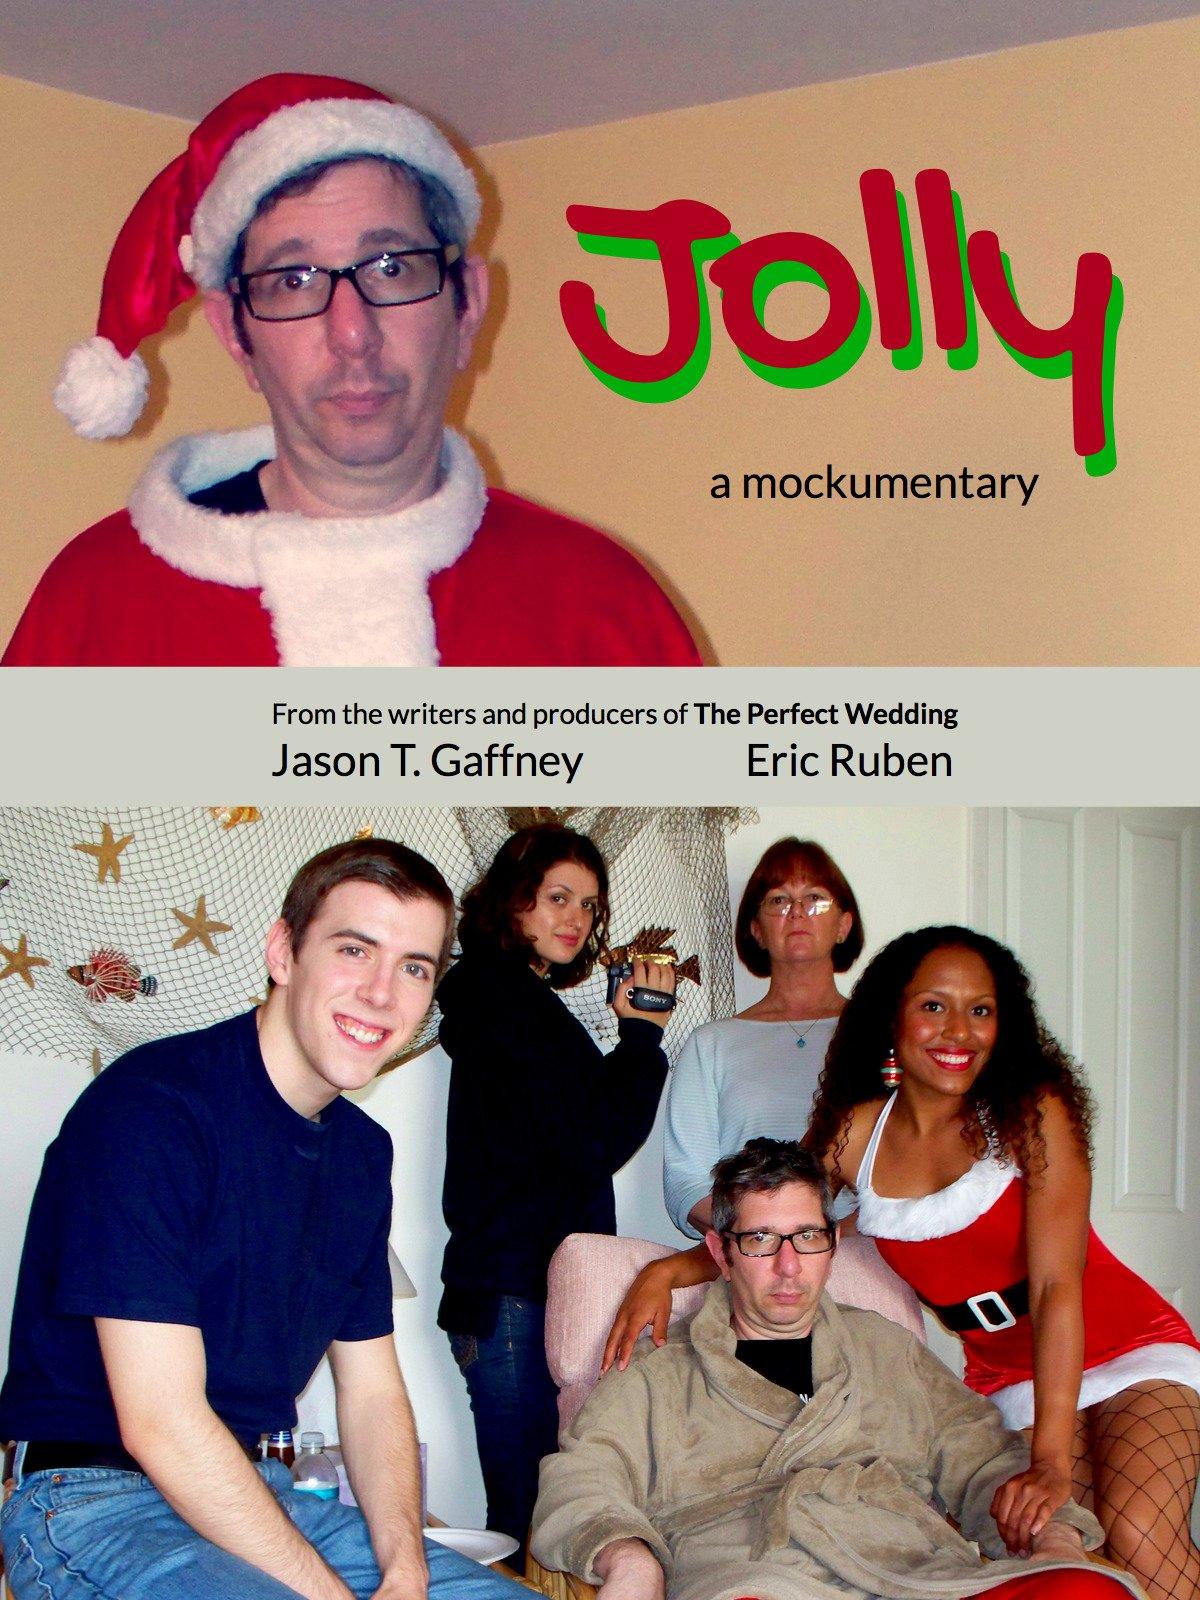 Jolly (a mockumentary)